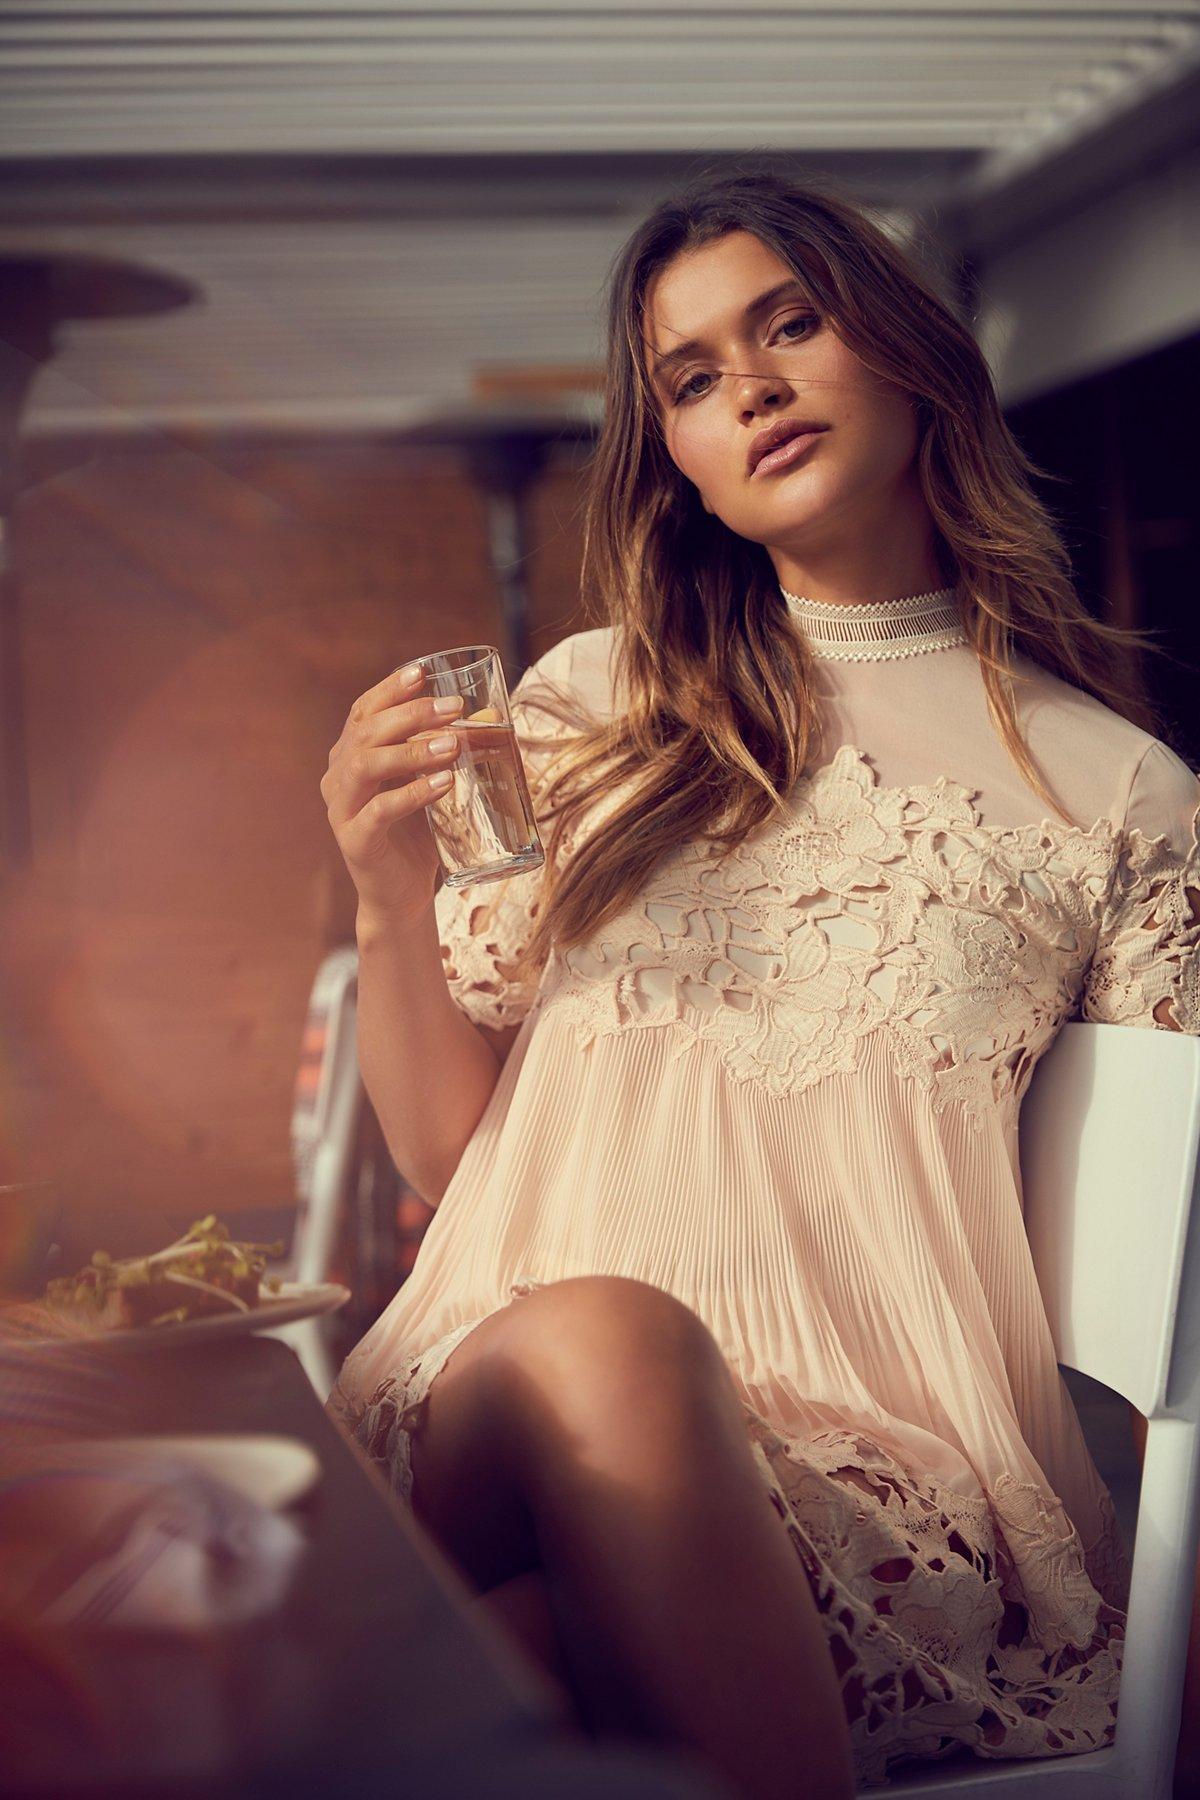 Hollie蕾丝超短连衣裙